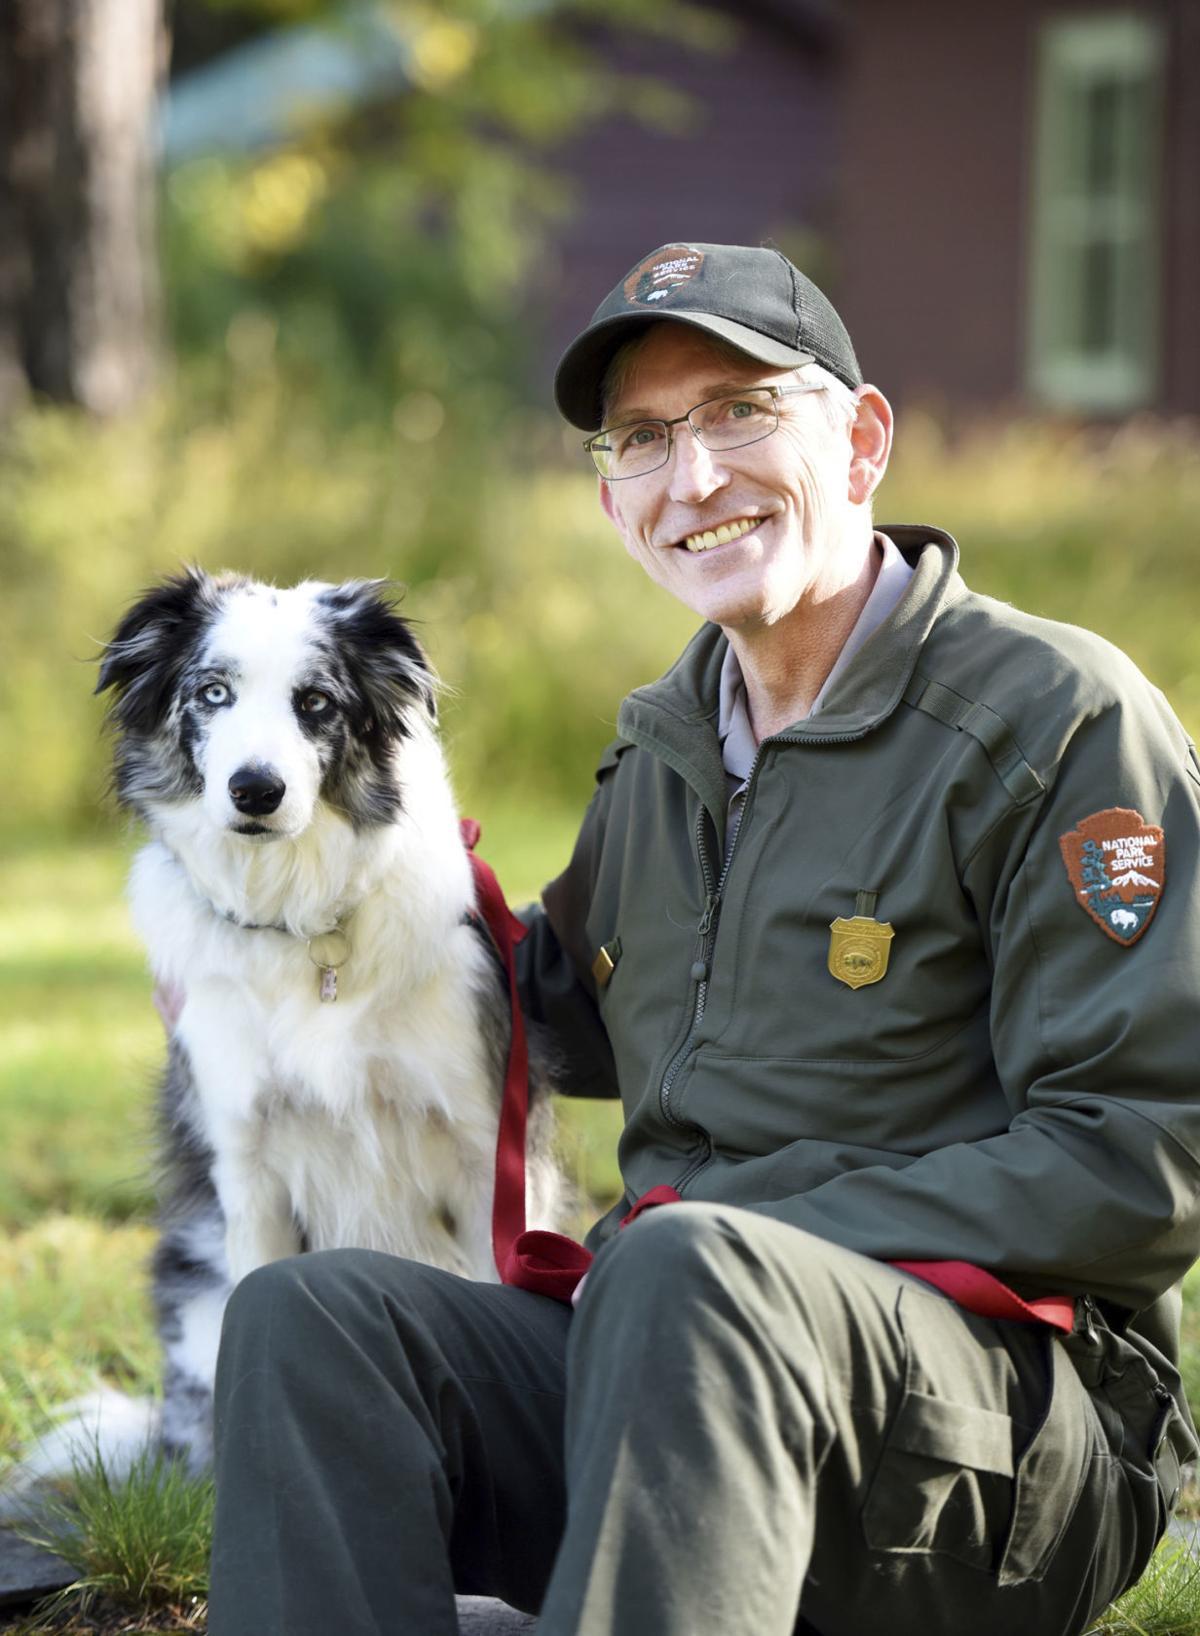 Exchange Bark Ranger Program